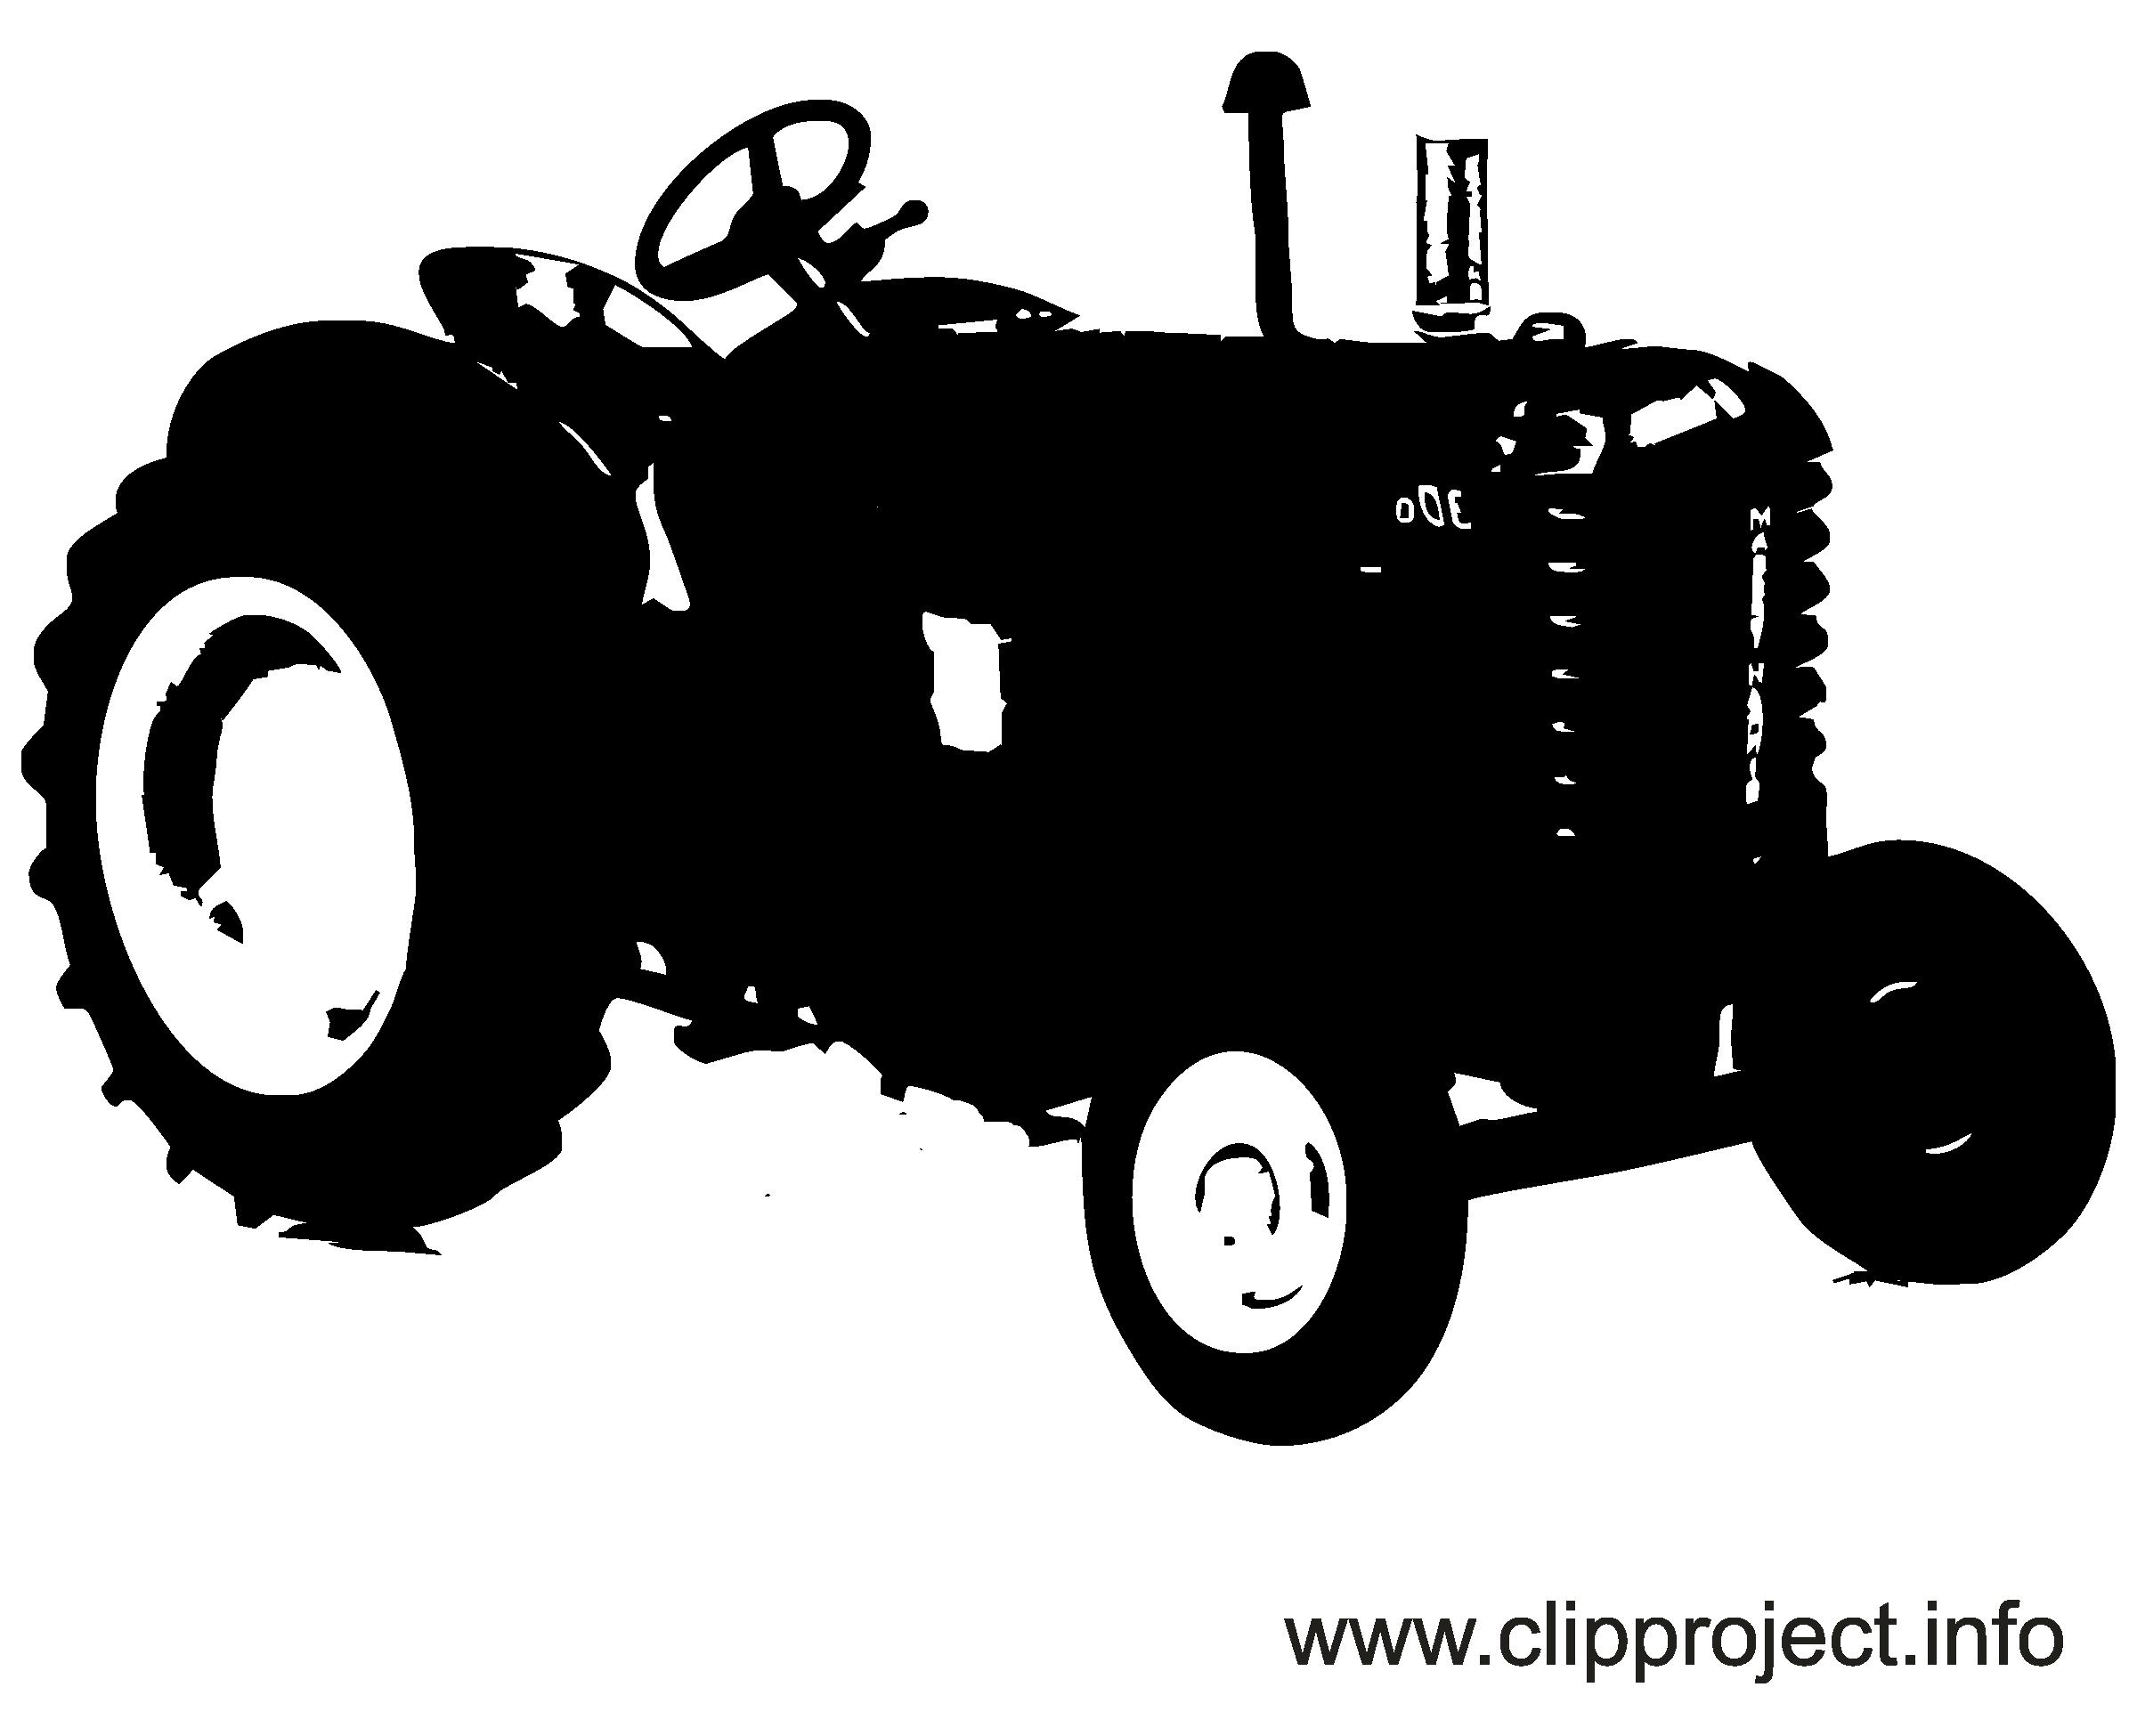 Clipart gratuit noir et blanc 4 » Clipart Station.